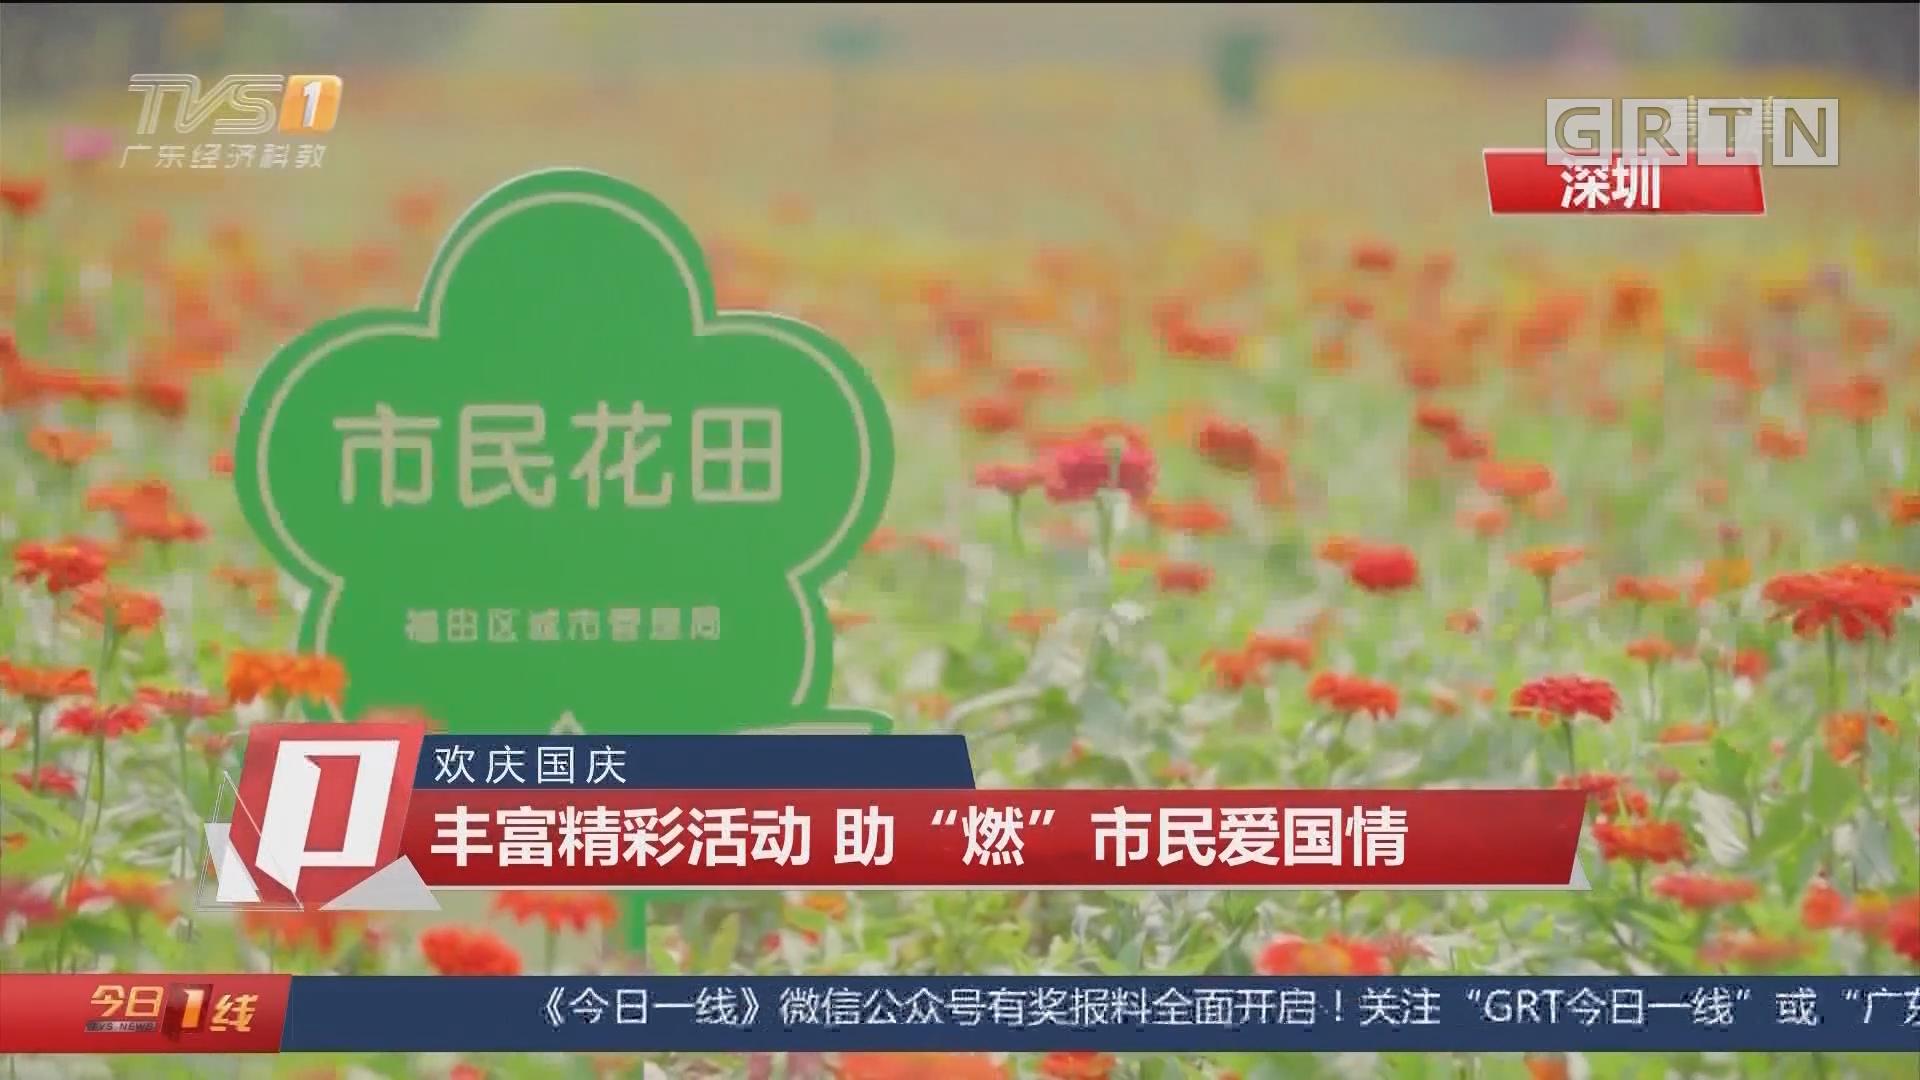 """欢庆国庆:丰富精彩活动 助""""燃""""市民爱国情"""